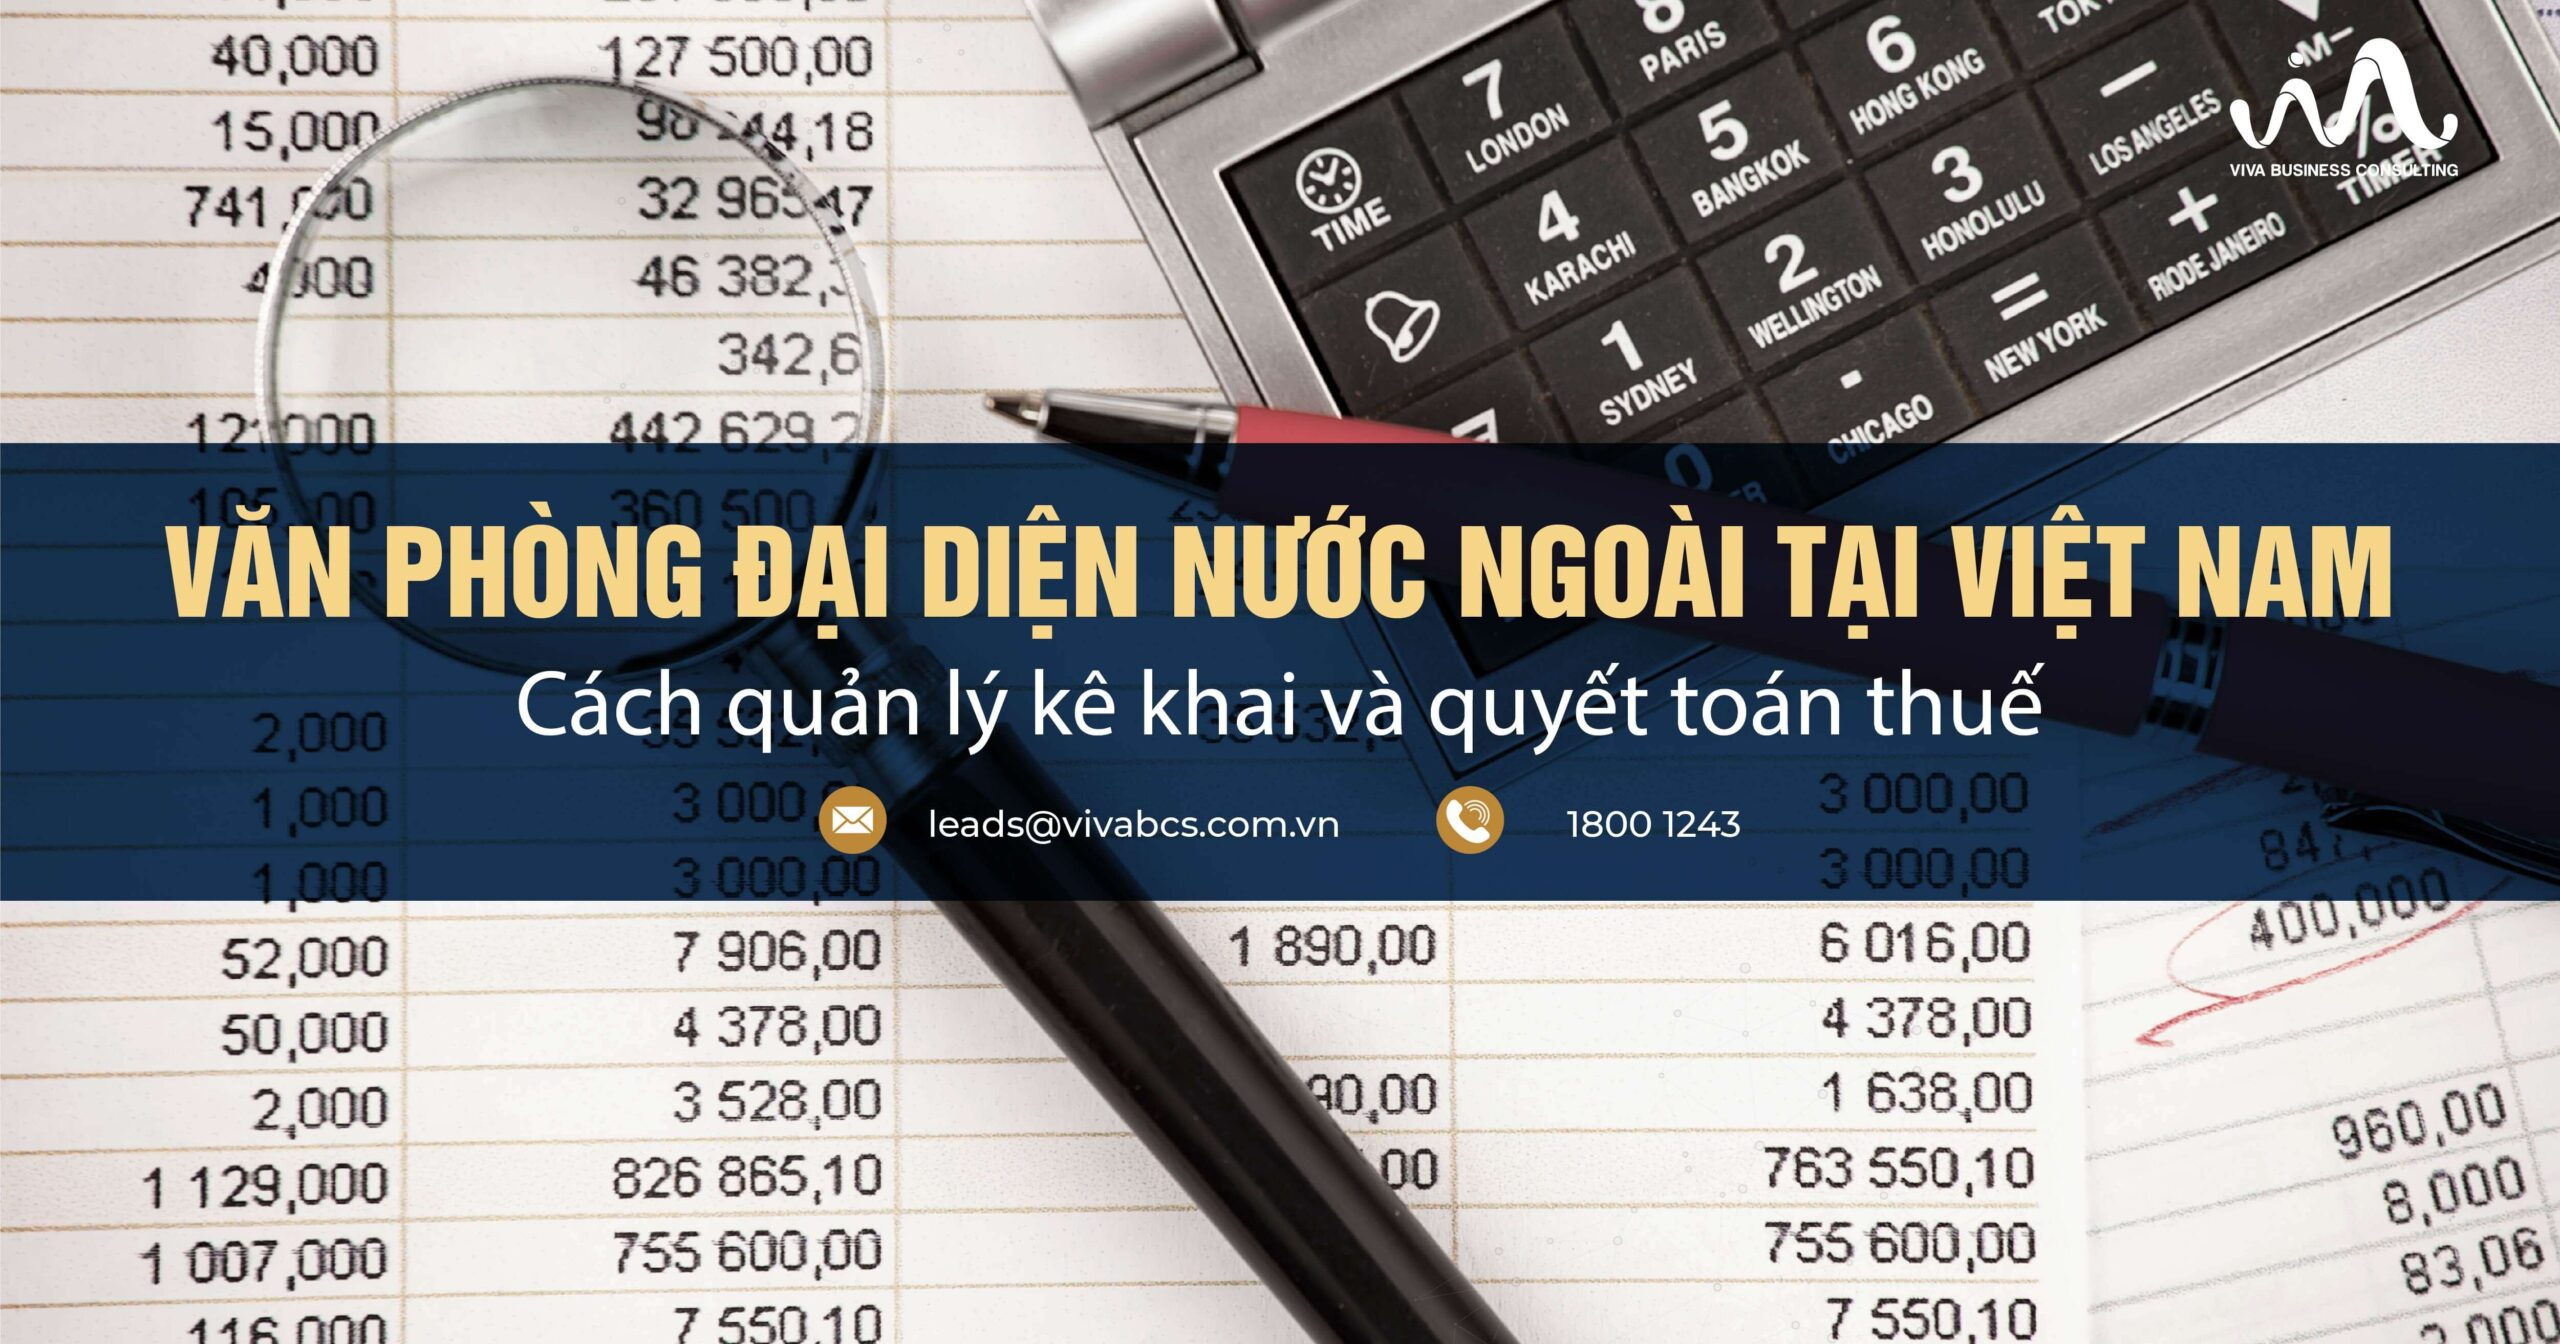 Văn phòng đại diện nước ngoài: quản lý kê khai và quyết toán thuế